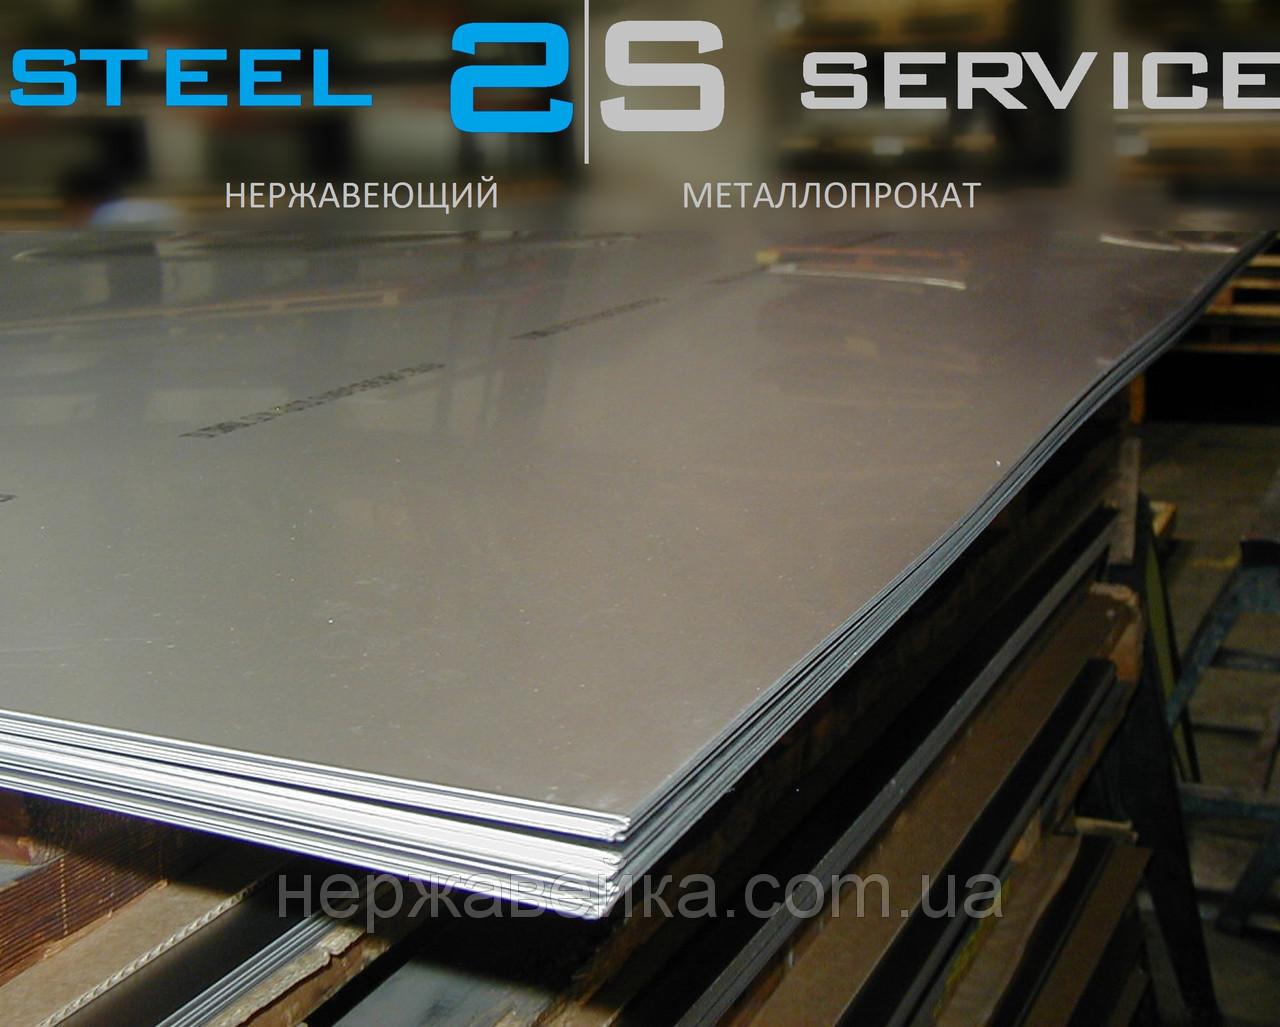 Нержавейка лист 14х1500х6000мм  AISI 309(20Х23Н13, 20Х20Н14С2) F1 - горячекатанный,  жаропрочный